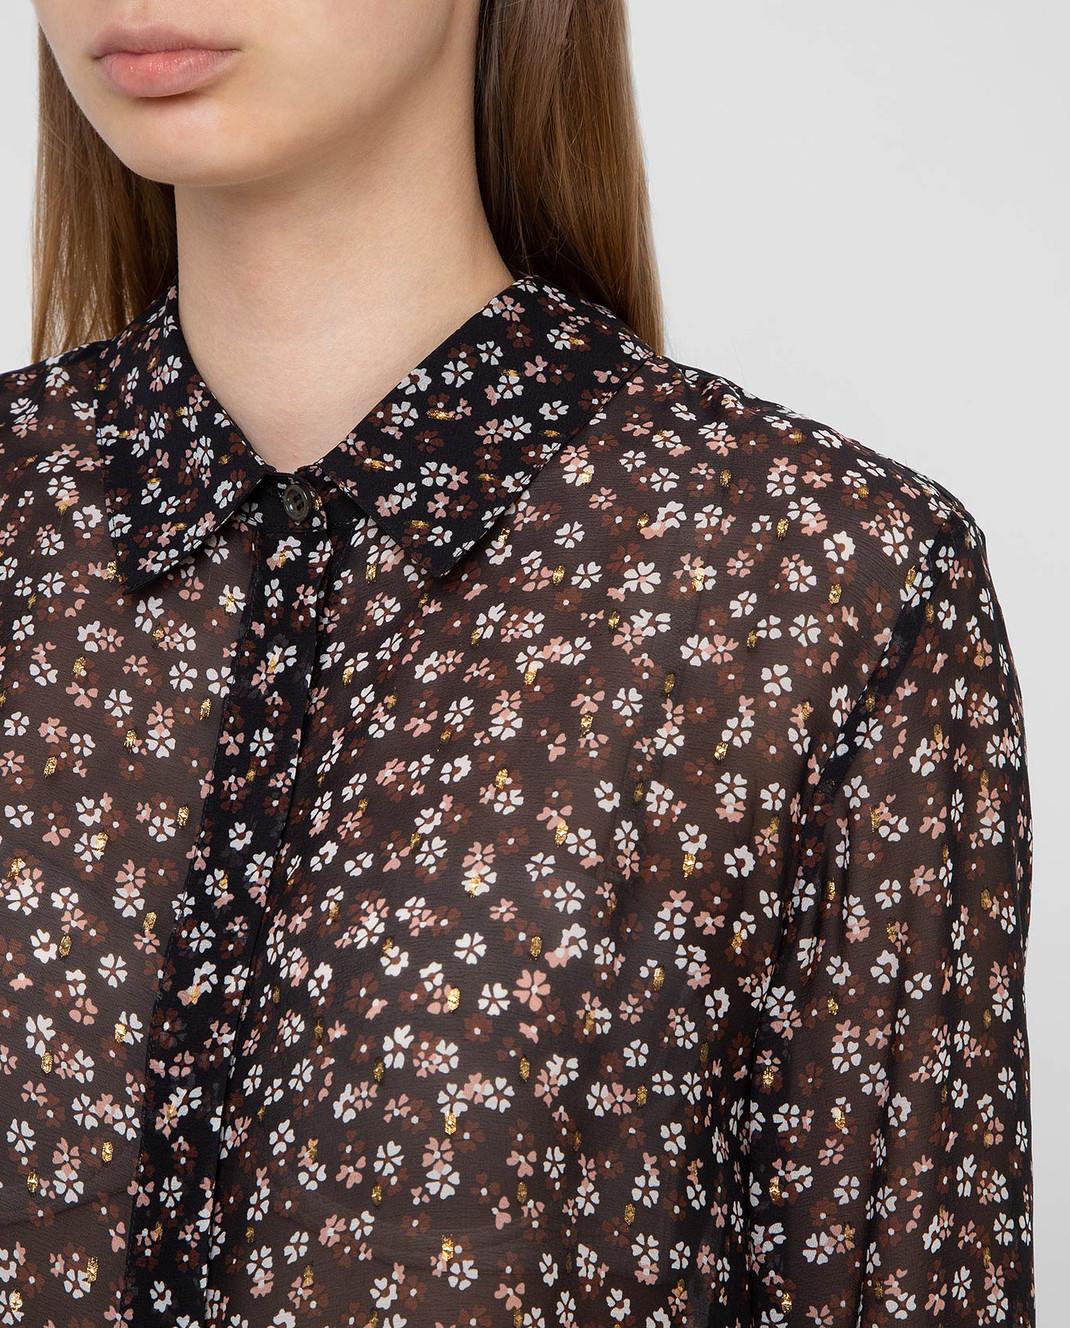 Altuzarra Черная блуза из шелка 418414848 изображение 5